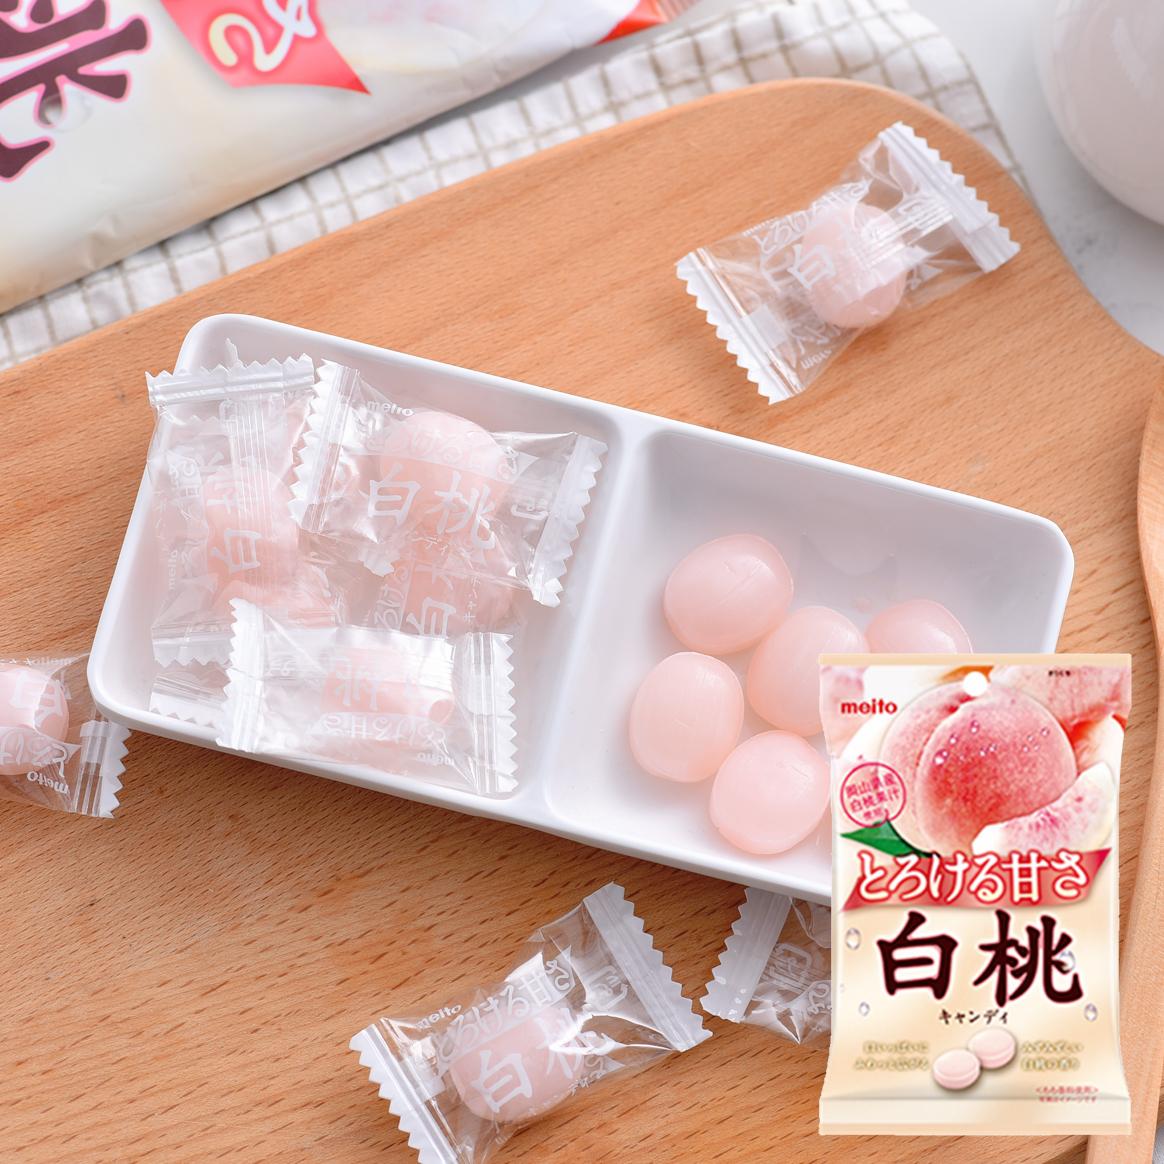 日本零食 meito名糖 白桃水蜜桃味硬糖果 浓厚桃子香味喜糖 75g12.00元包邮